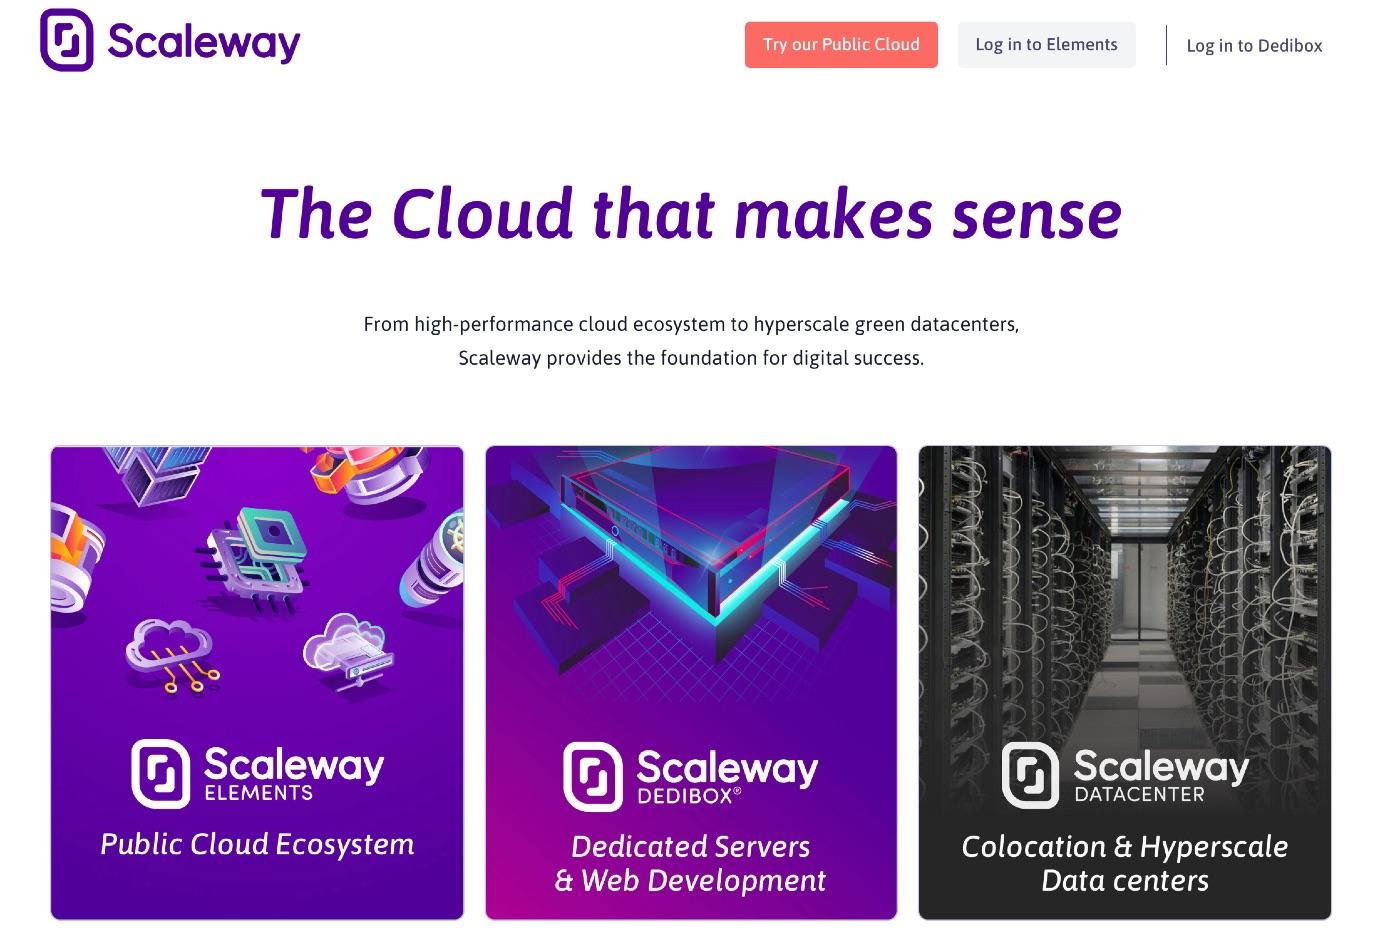 フランスのクラウドコンピューティング・ウェブホスティング会社「Scaleway」